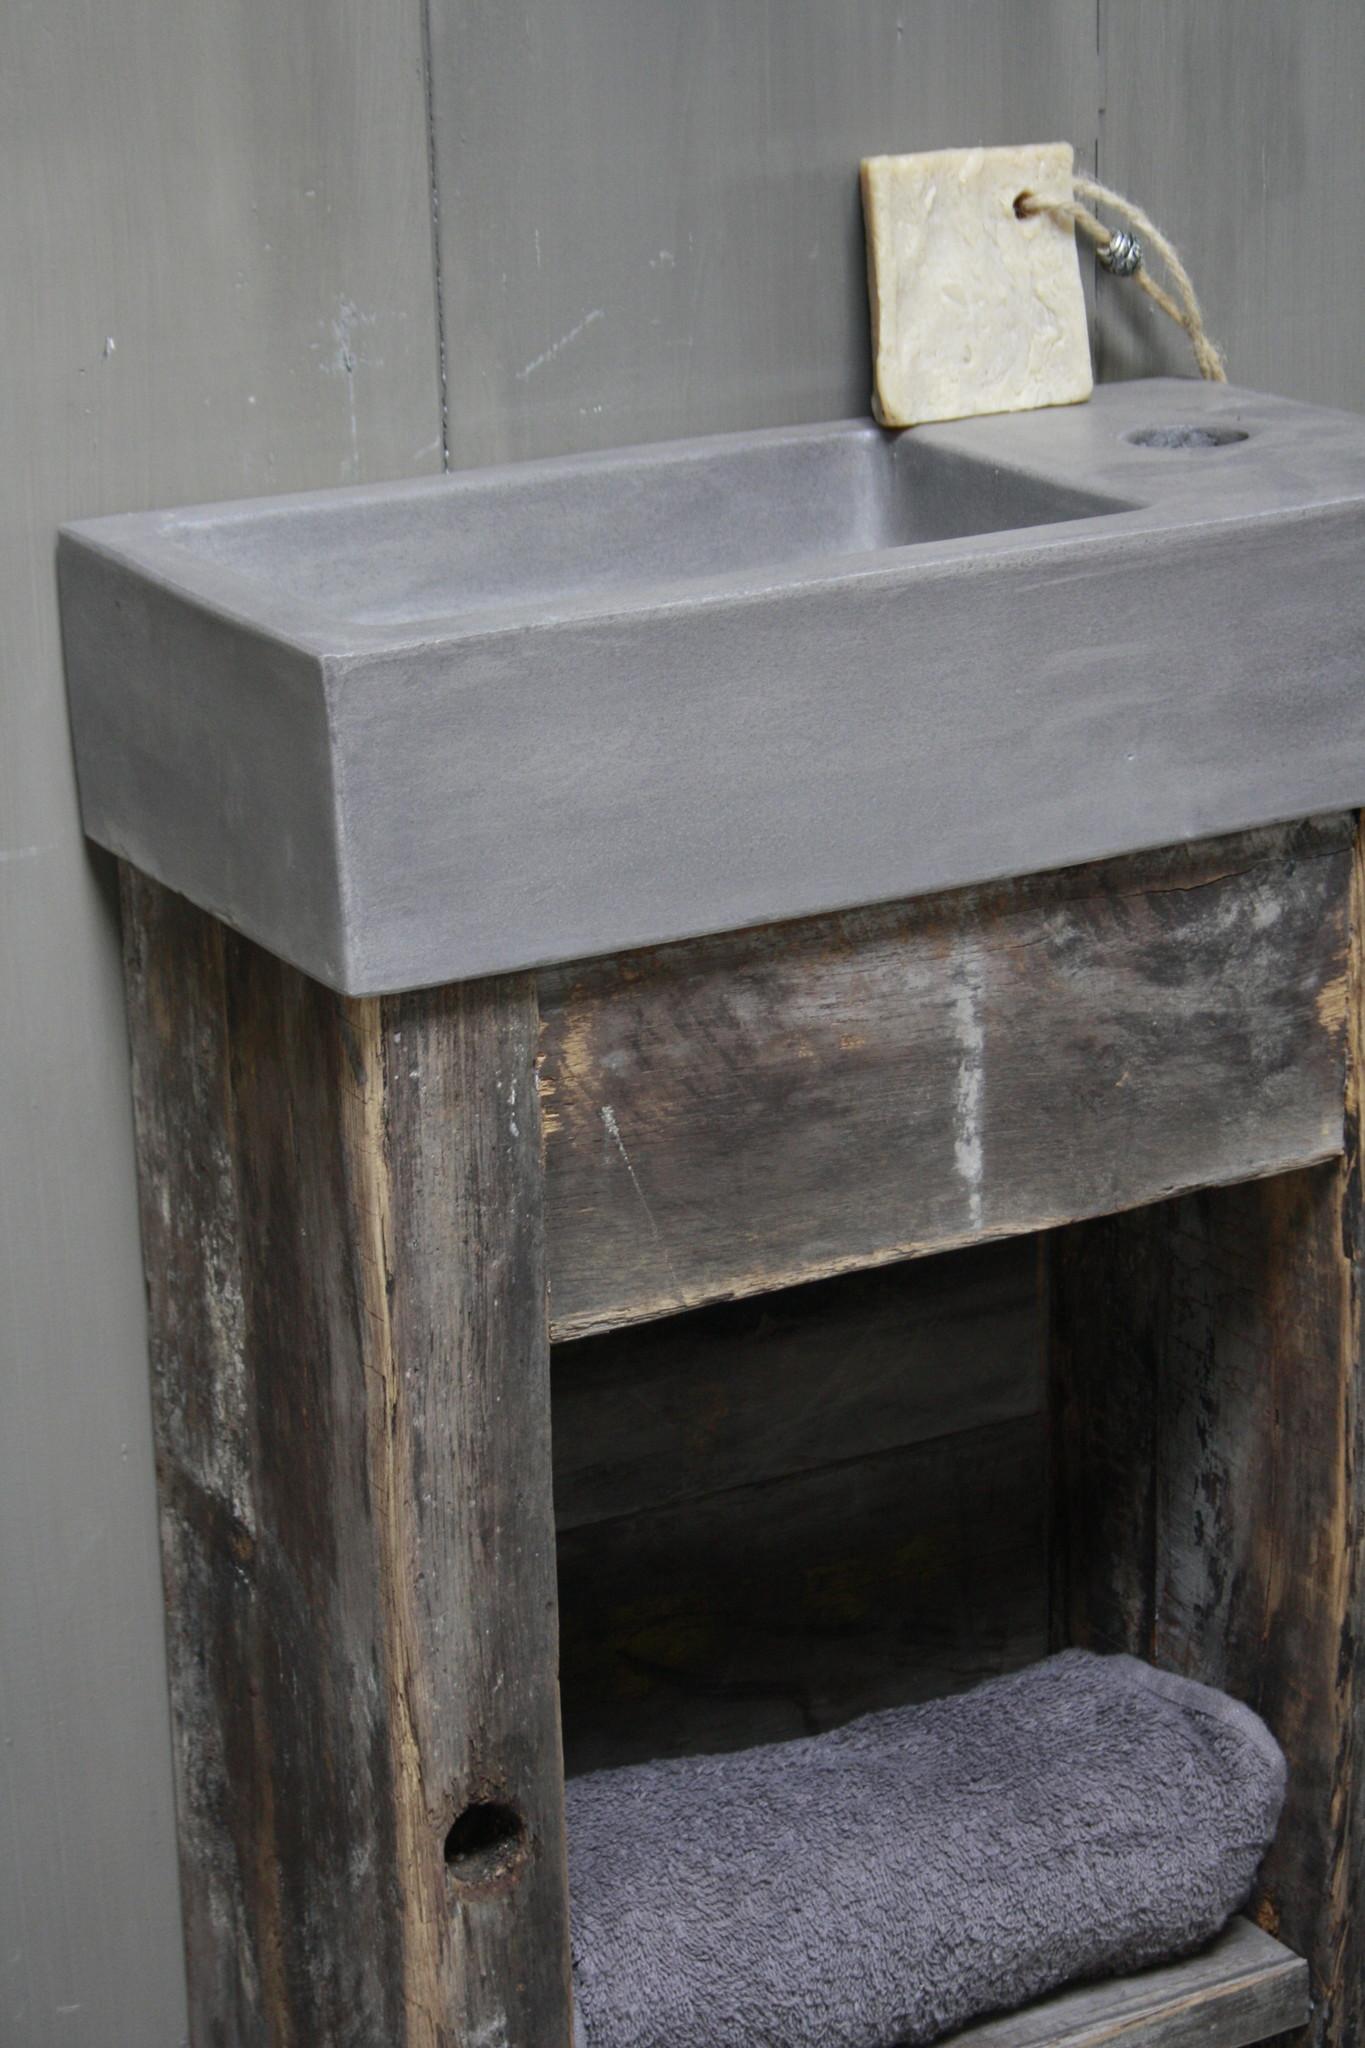 Toiletmeubel oud hout met betonbak 90 cm dark grey-5